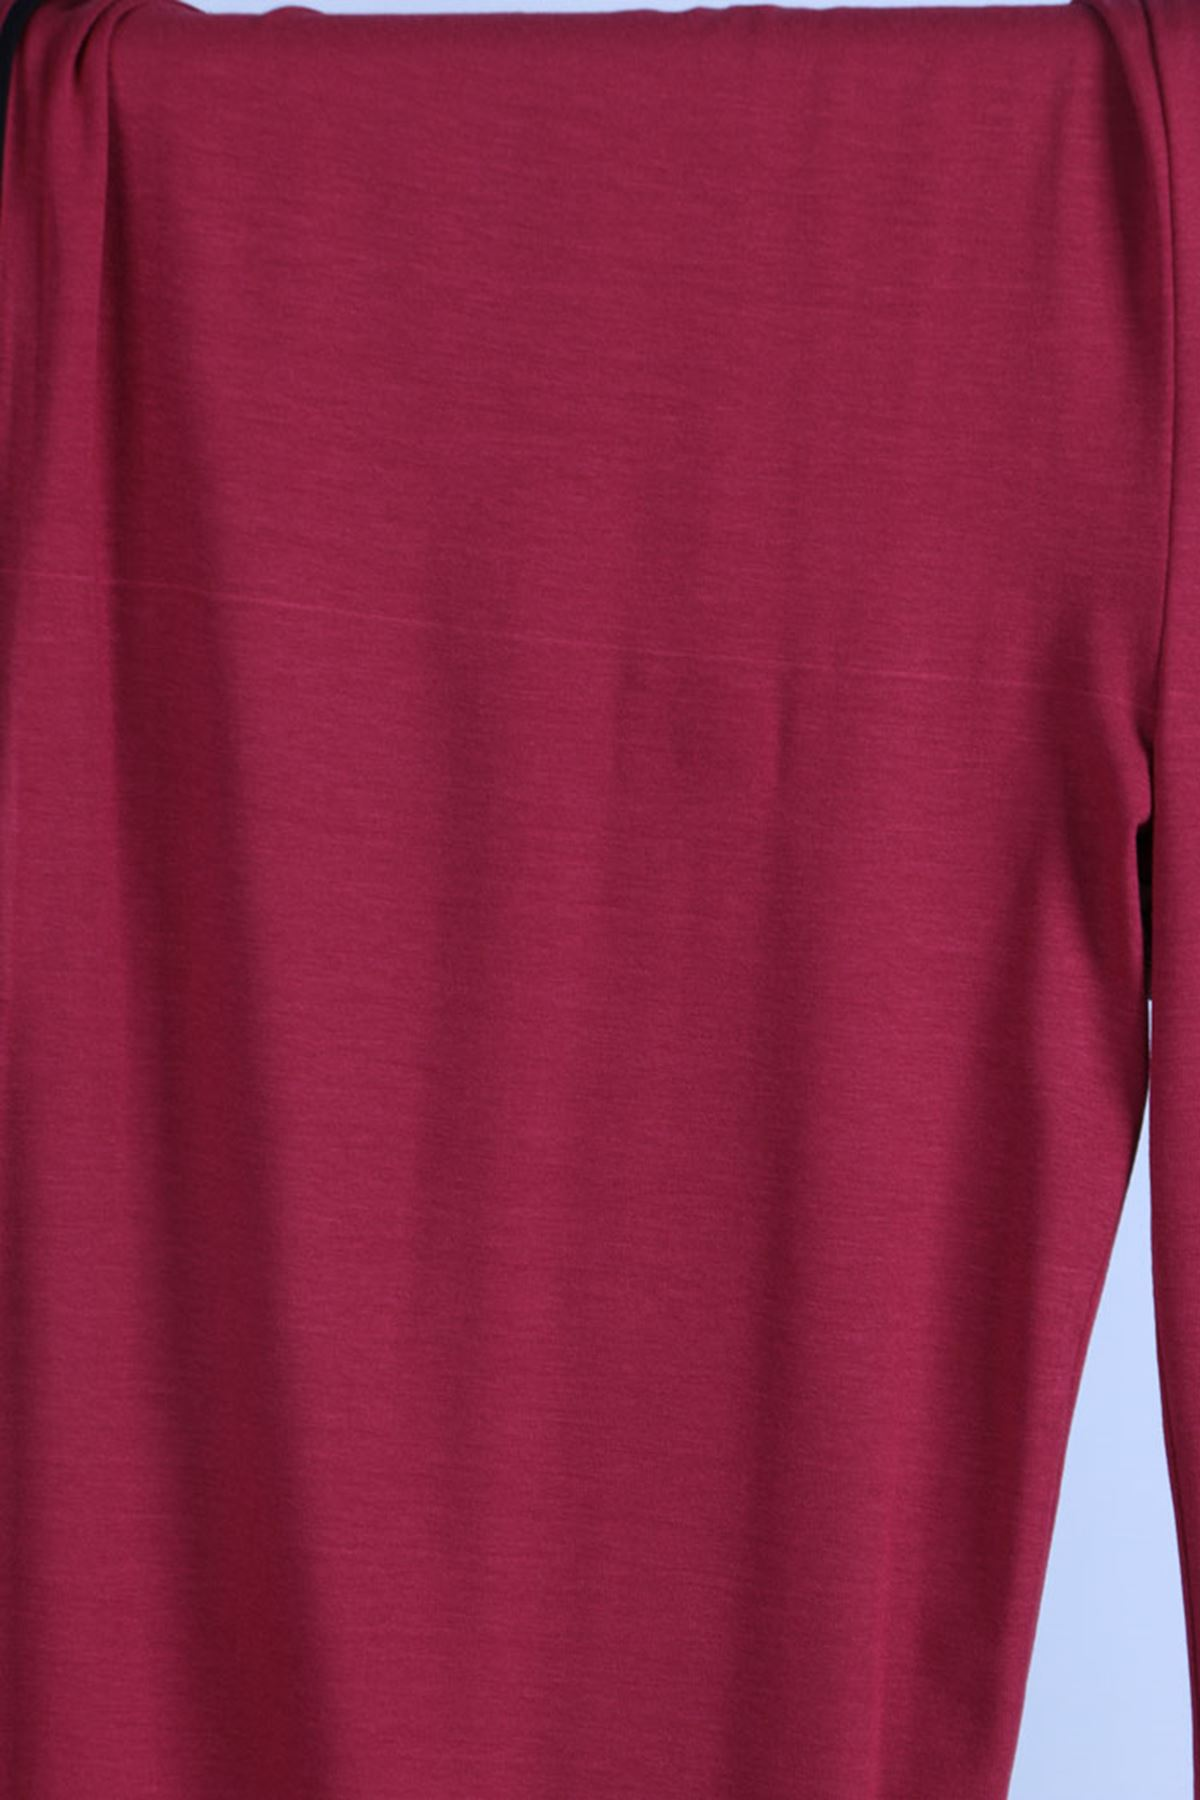 9534 بنطلون رياضي مقاس كبير - وردة داكنة